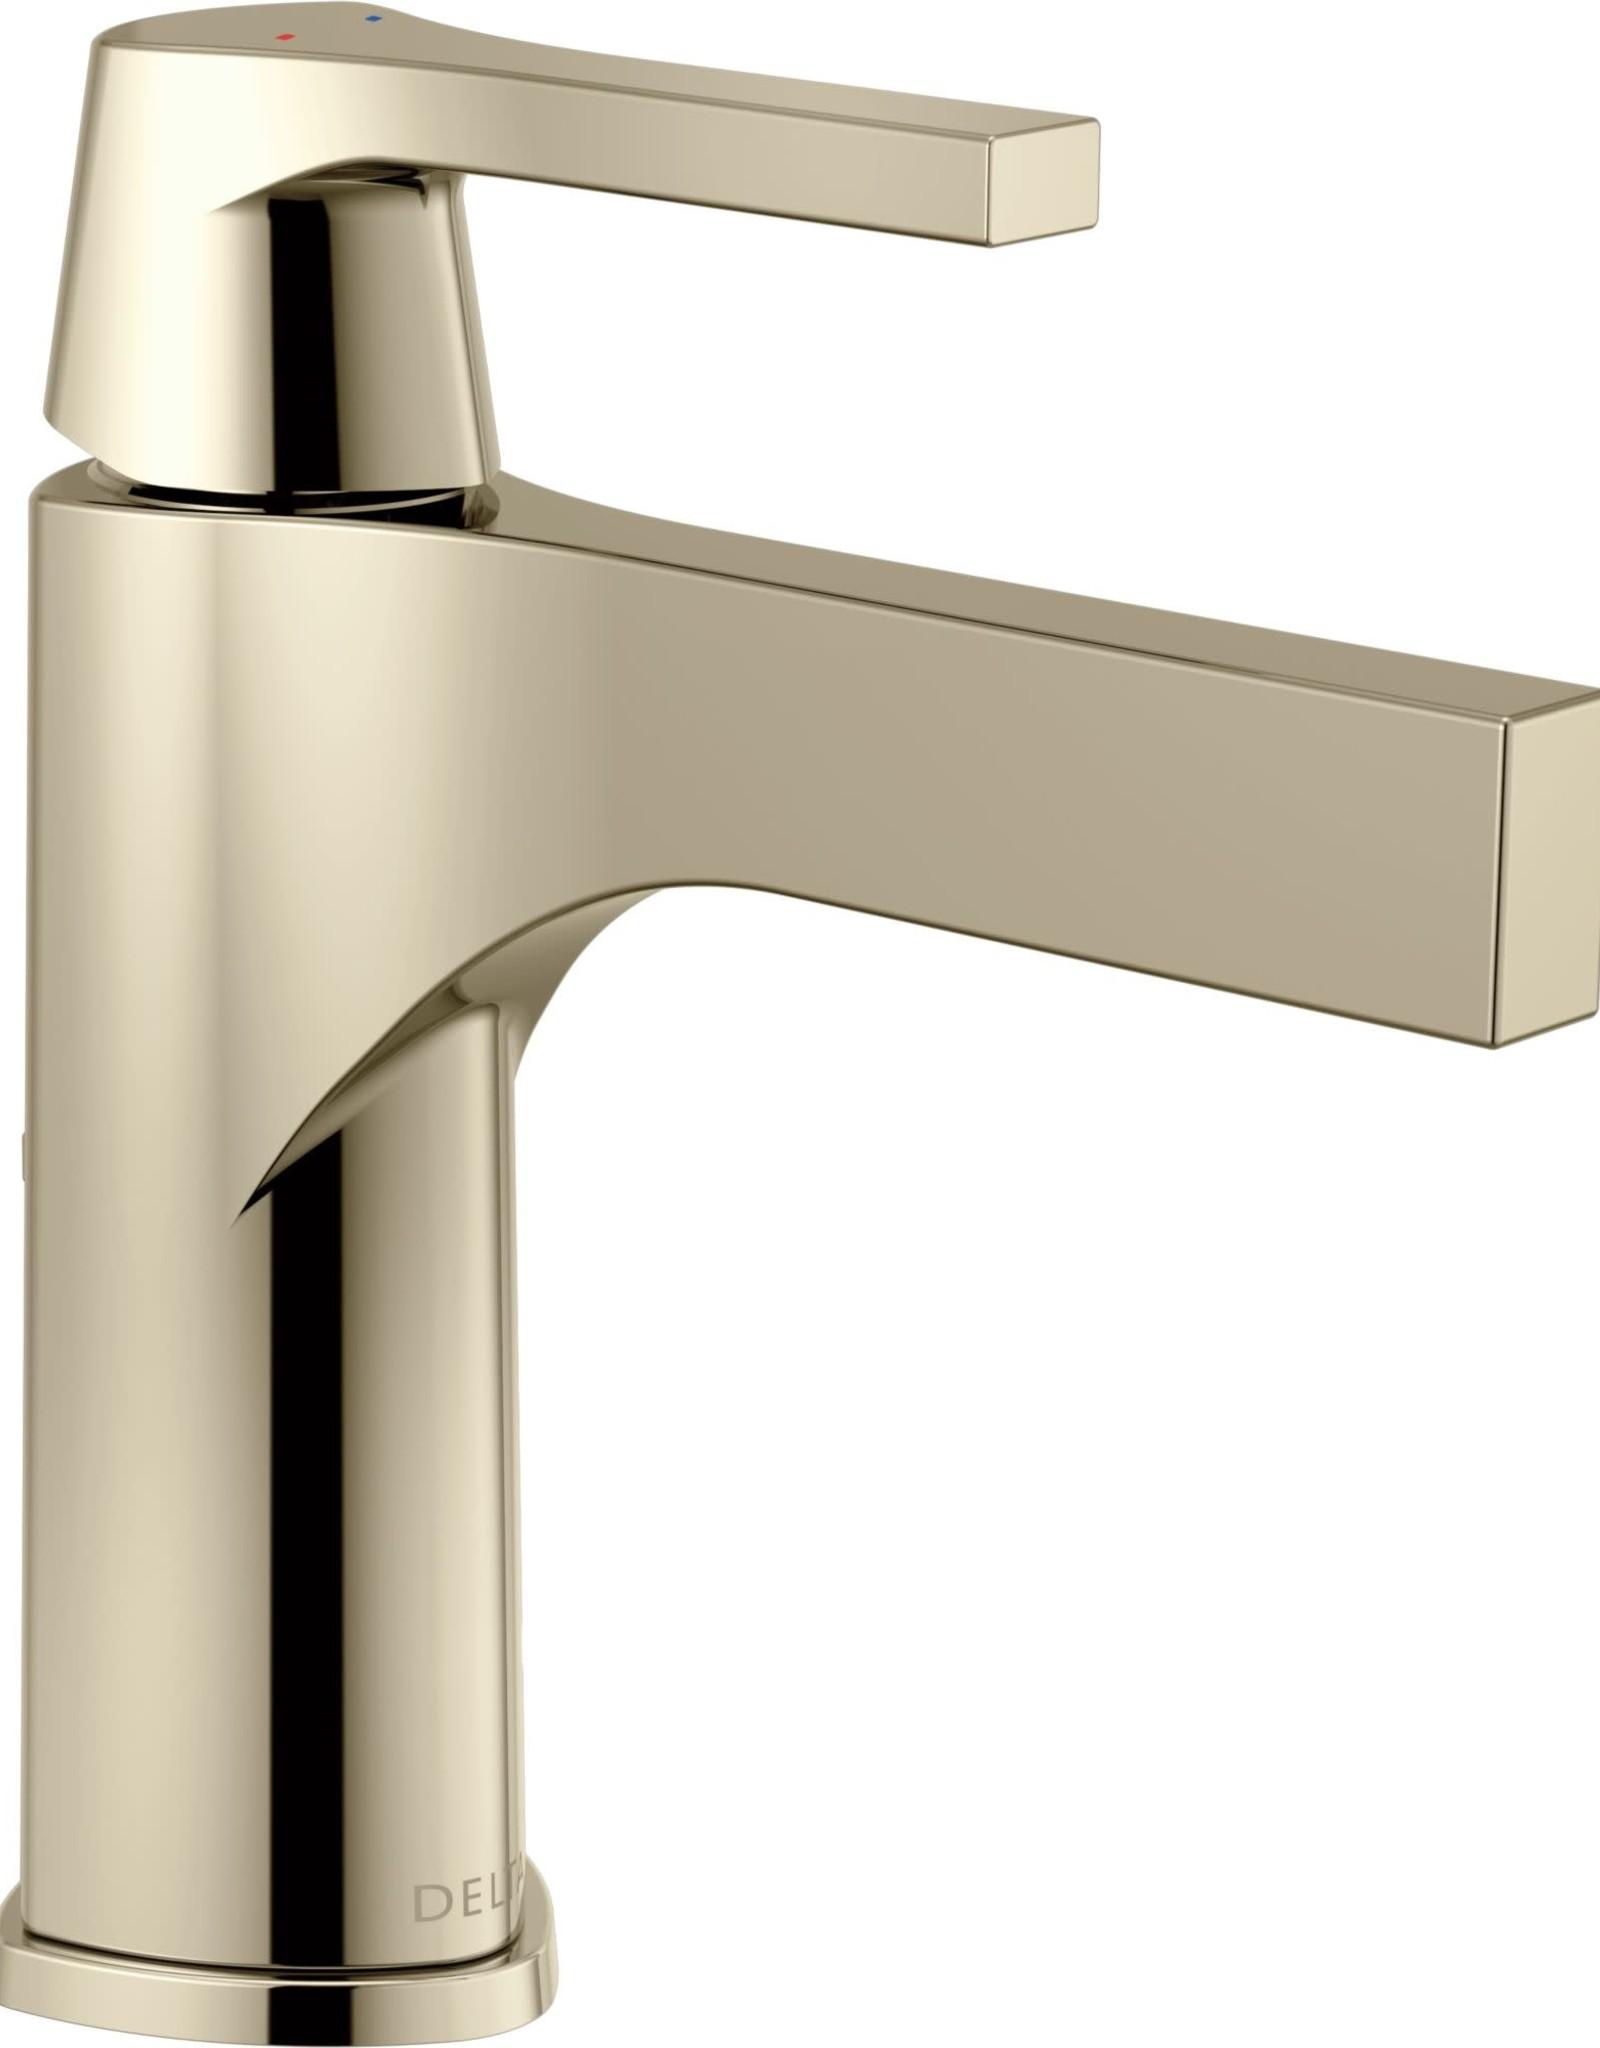 Delta Delta Zura Single Lav Faucet Polished Nickel